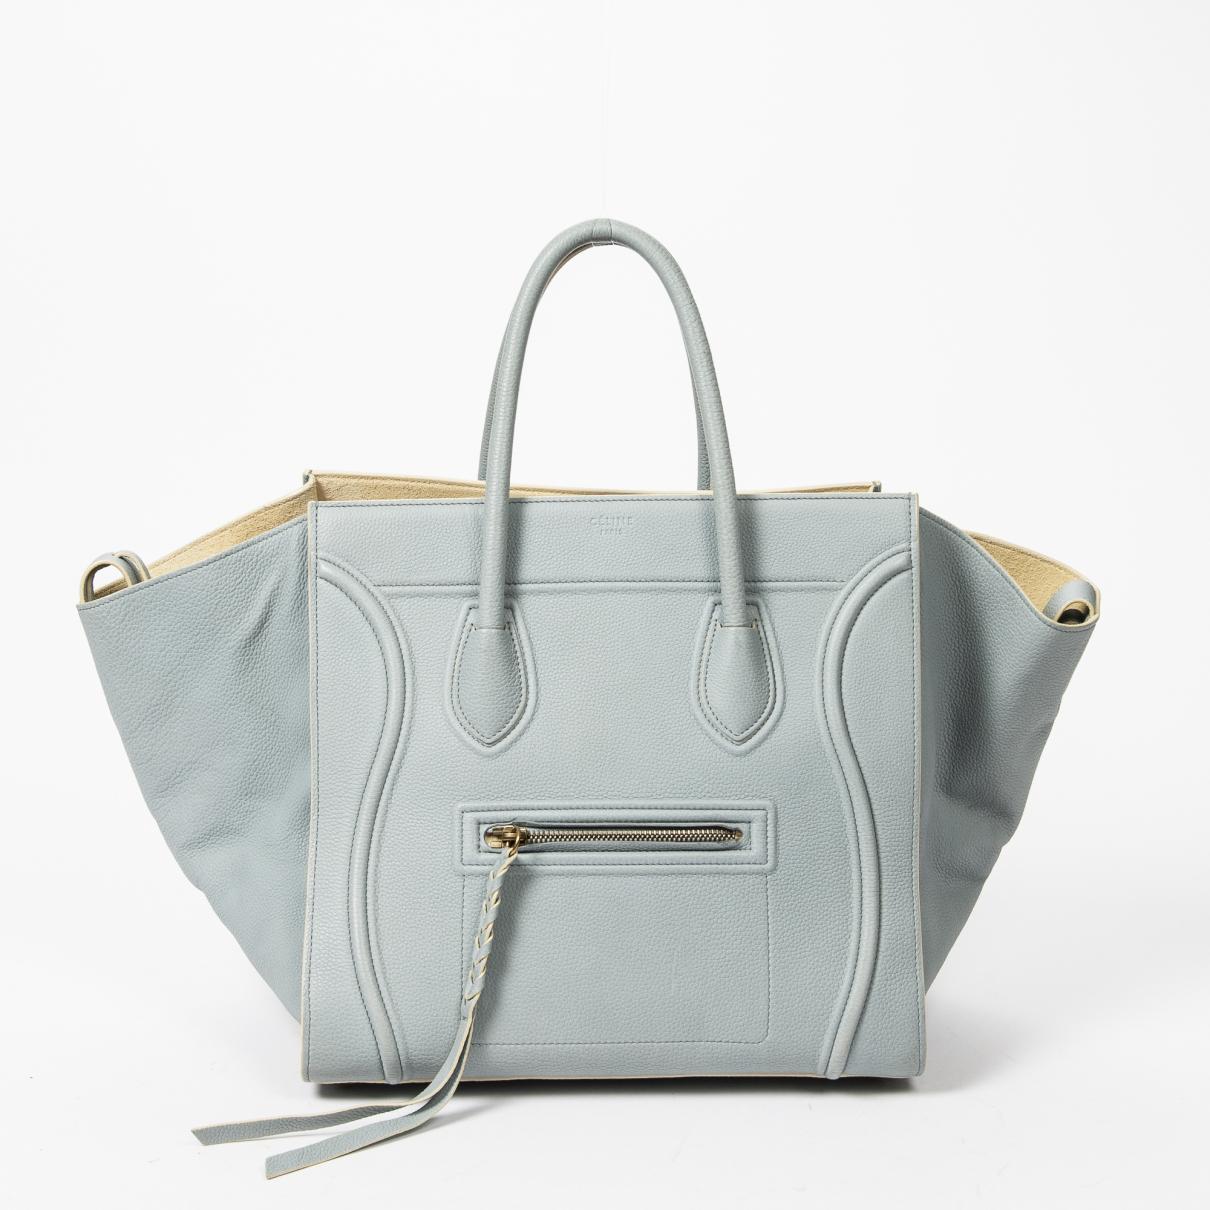 Celine Luggage Phantom Handtasche in Leder